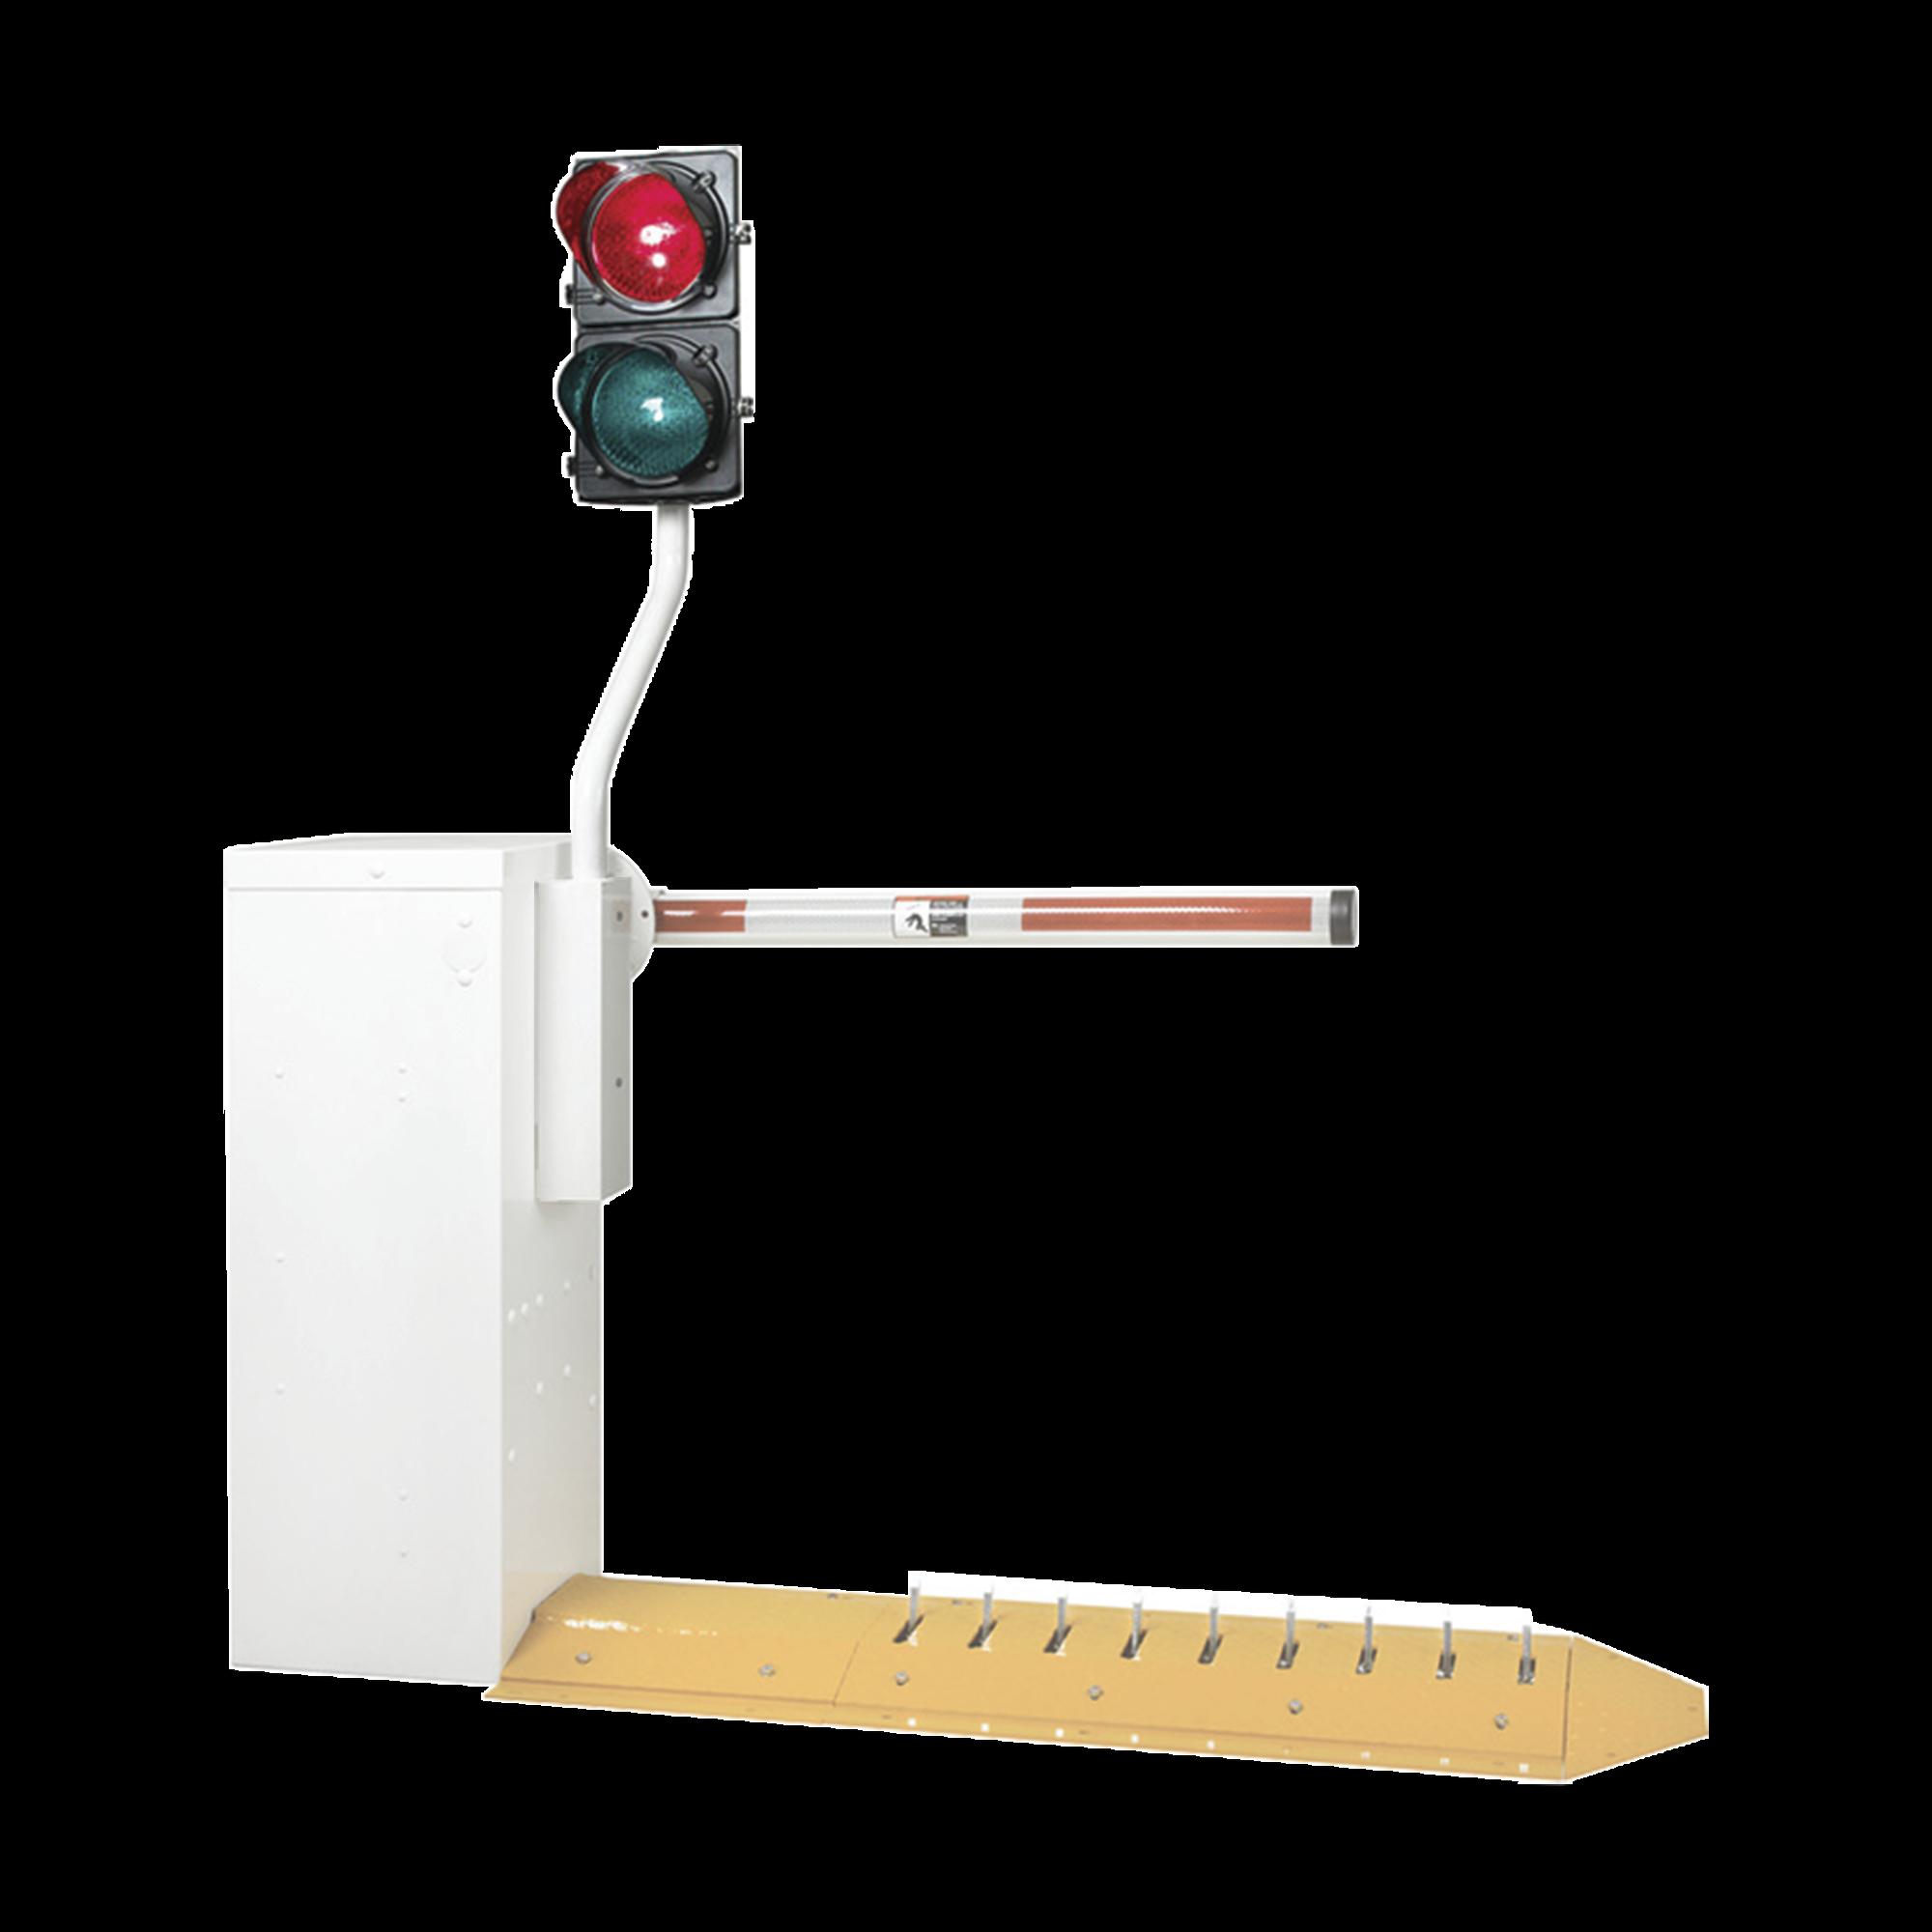 Semaforo Rojo/Verde Compatible con Barreras Doorking